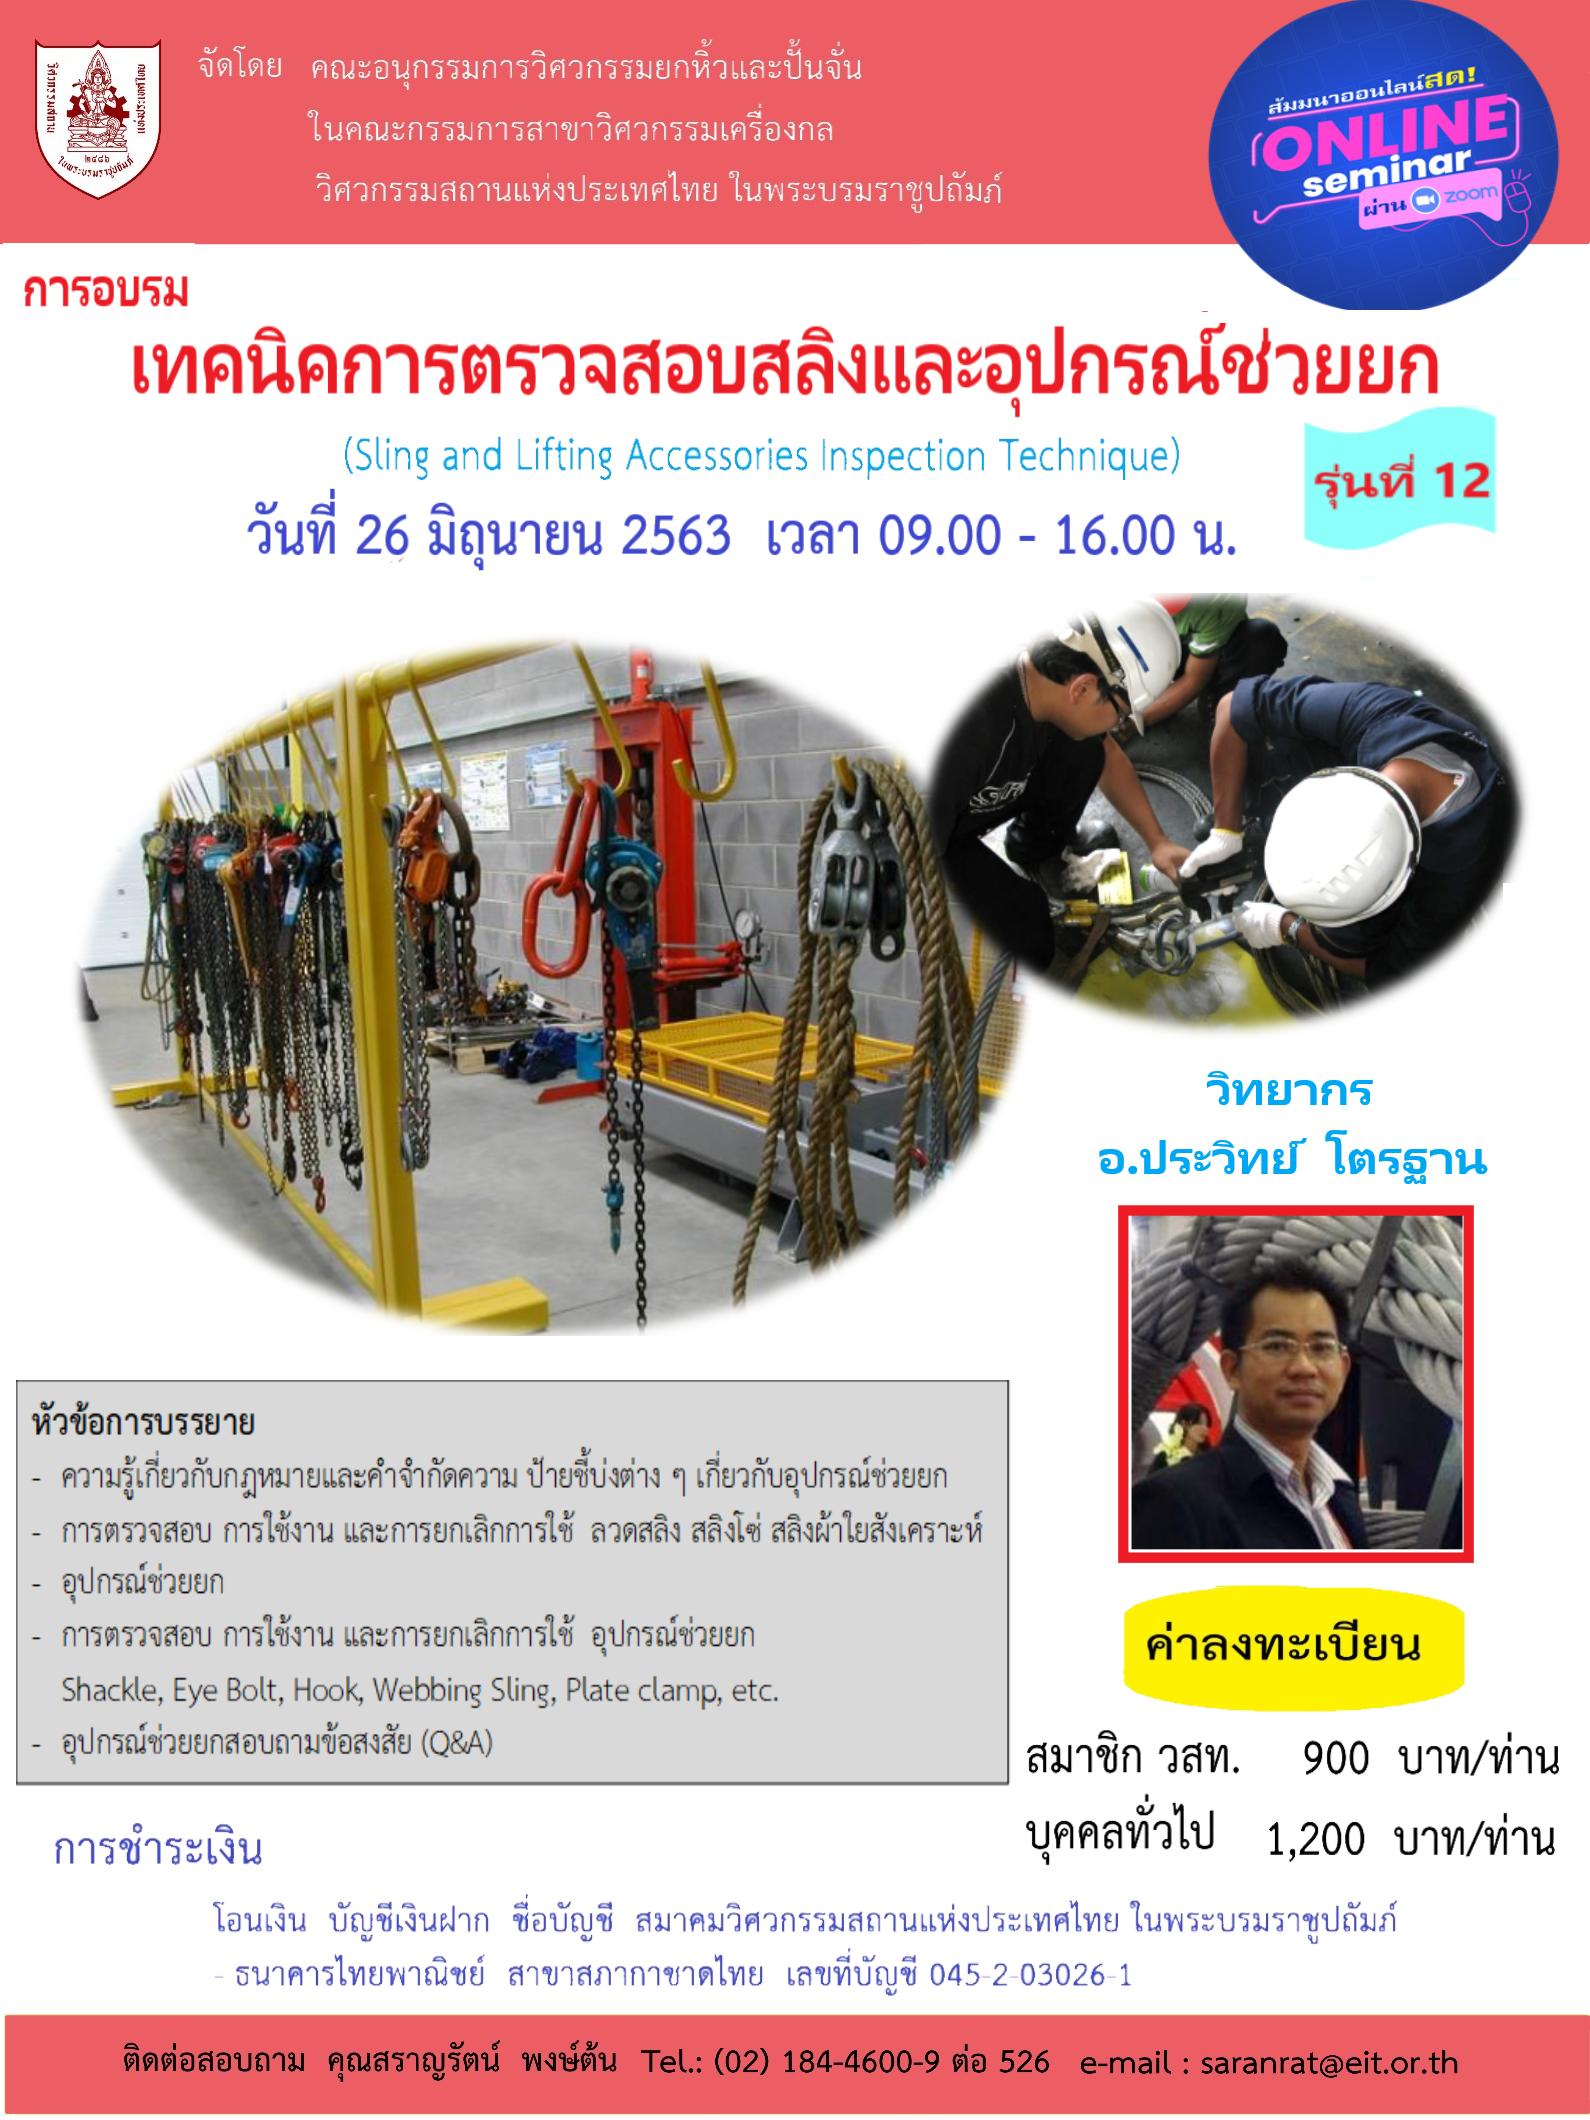 26/06/2563 การอบรมเรื่อง เทคนิคการตรวจสอบสลิงและอุปกรณ์ช่วยยก (Sling and Lifting Accessories Inspection Technique) รุ่นที่ 12 (เรียนออนไลน์ผ่าน ZOOM)